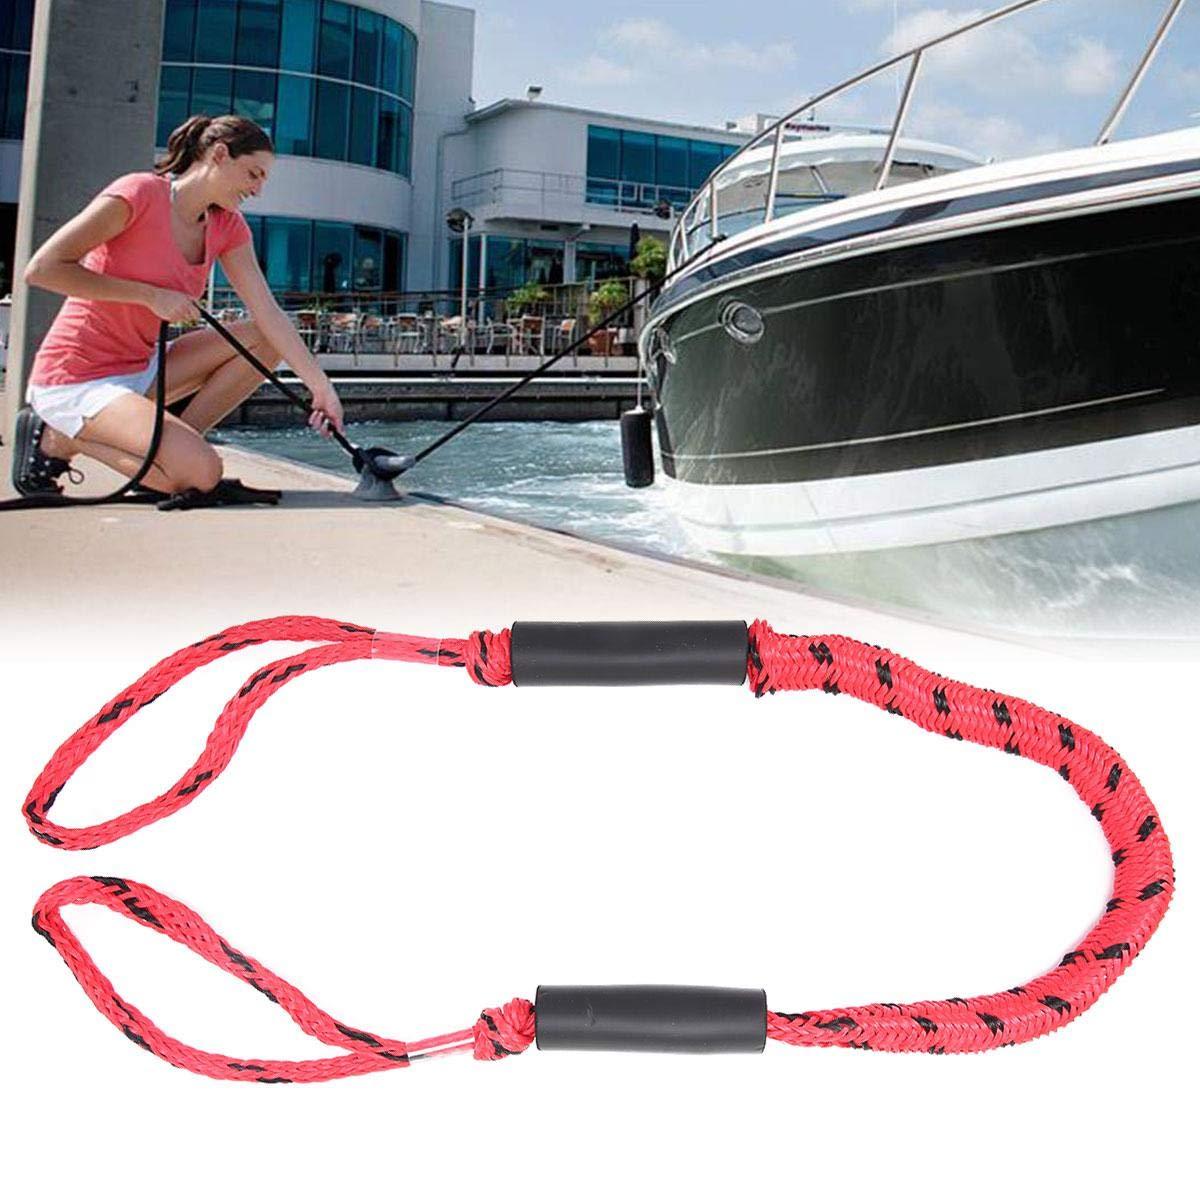 FOONEE L/íneas de Muelle PWC,L/ínea de Cuerdas el/ásticas el/ásticas con Flotador de Espuma para Kayak,Barco,Marino,Moto acu/ática,SeaDoo,Cuerda de Amarre de l/ínea Bungee Dock para Barco 3.5 pies